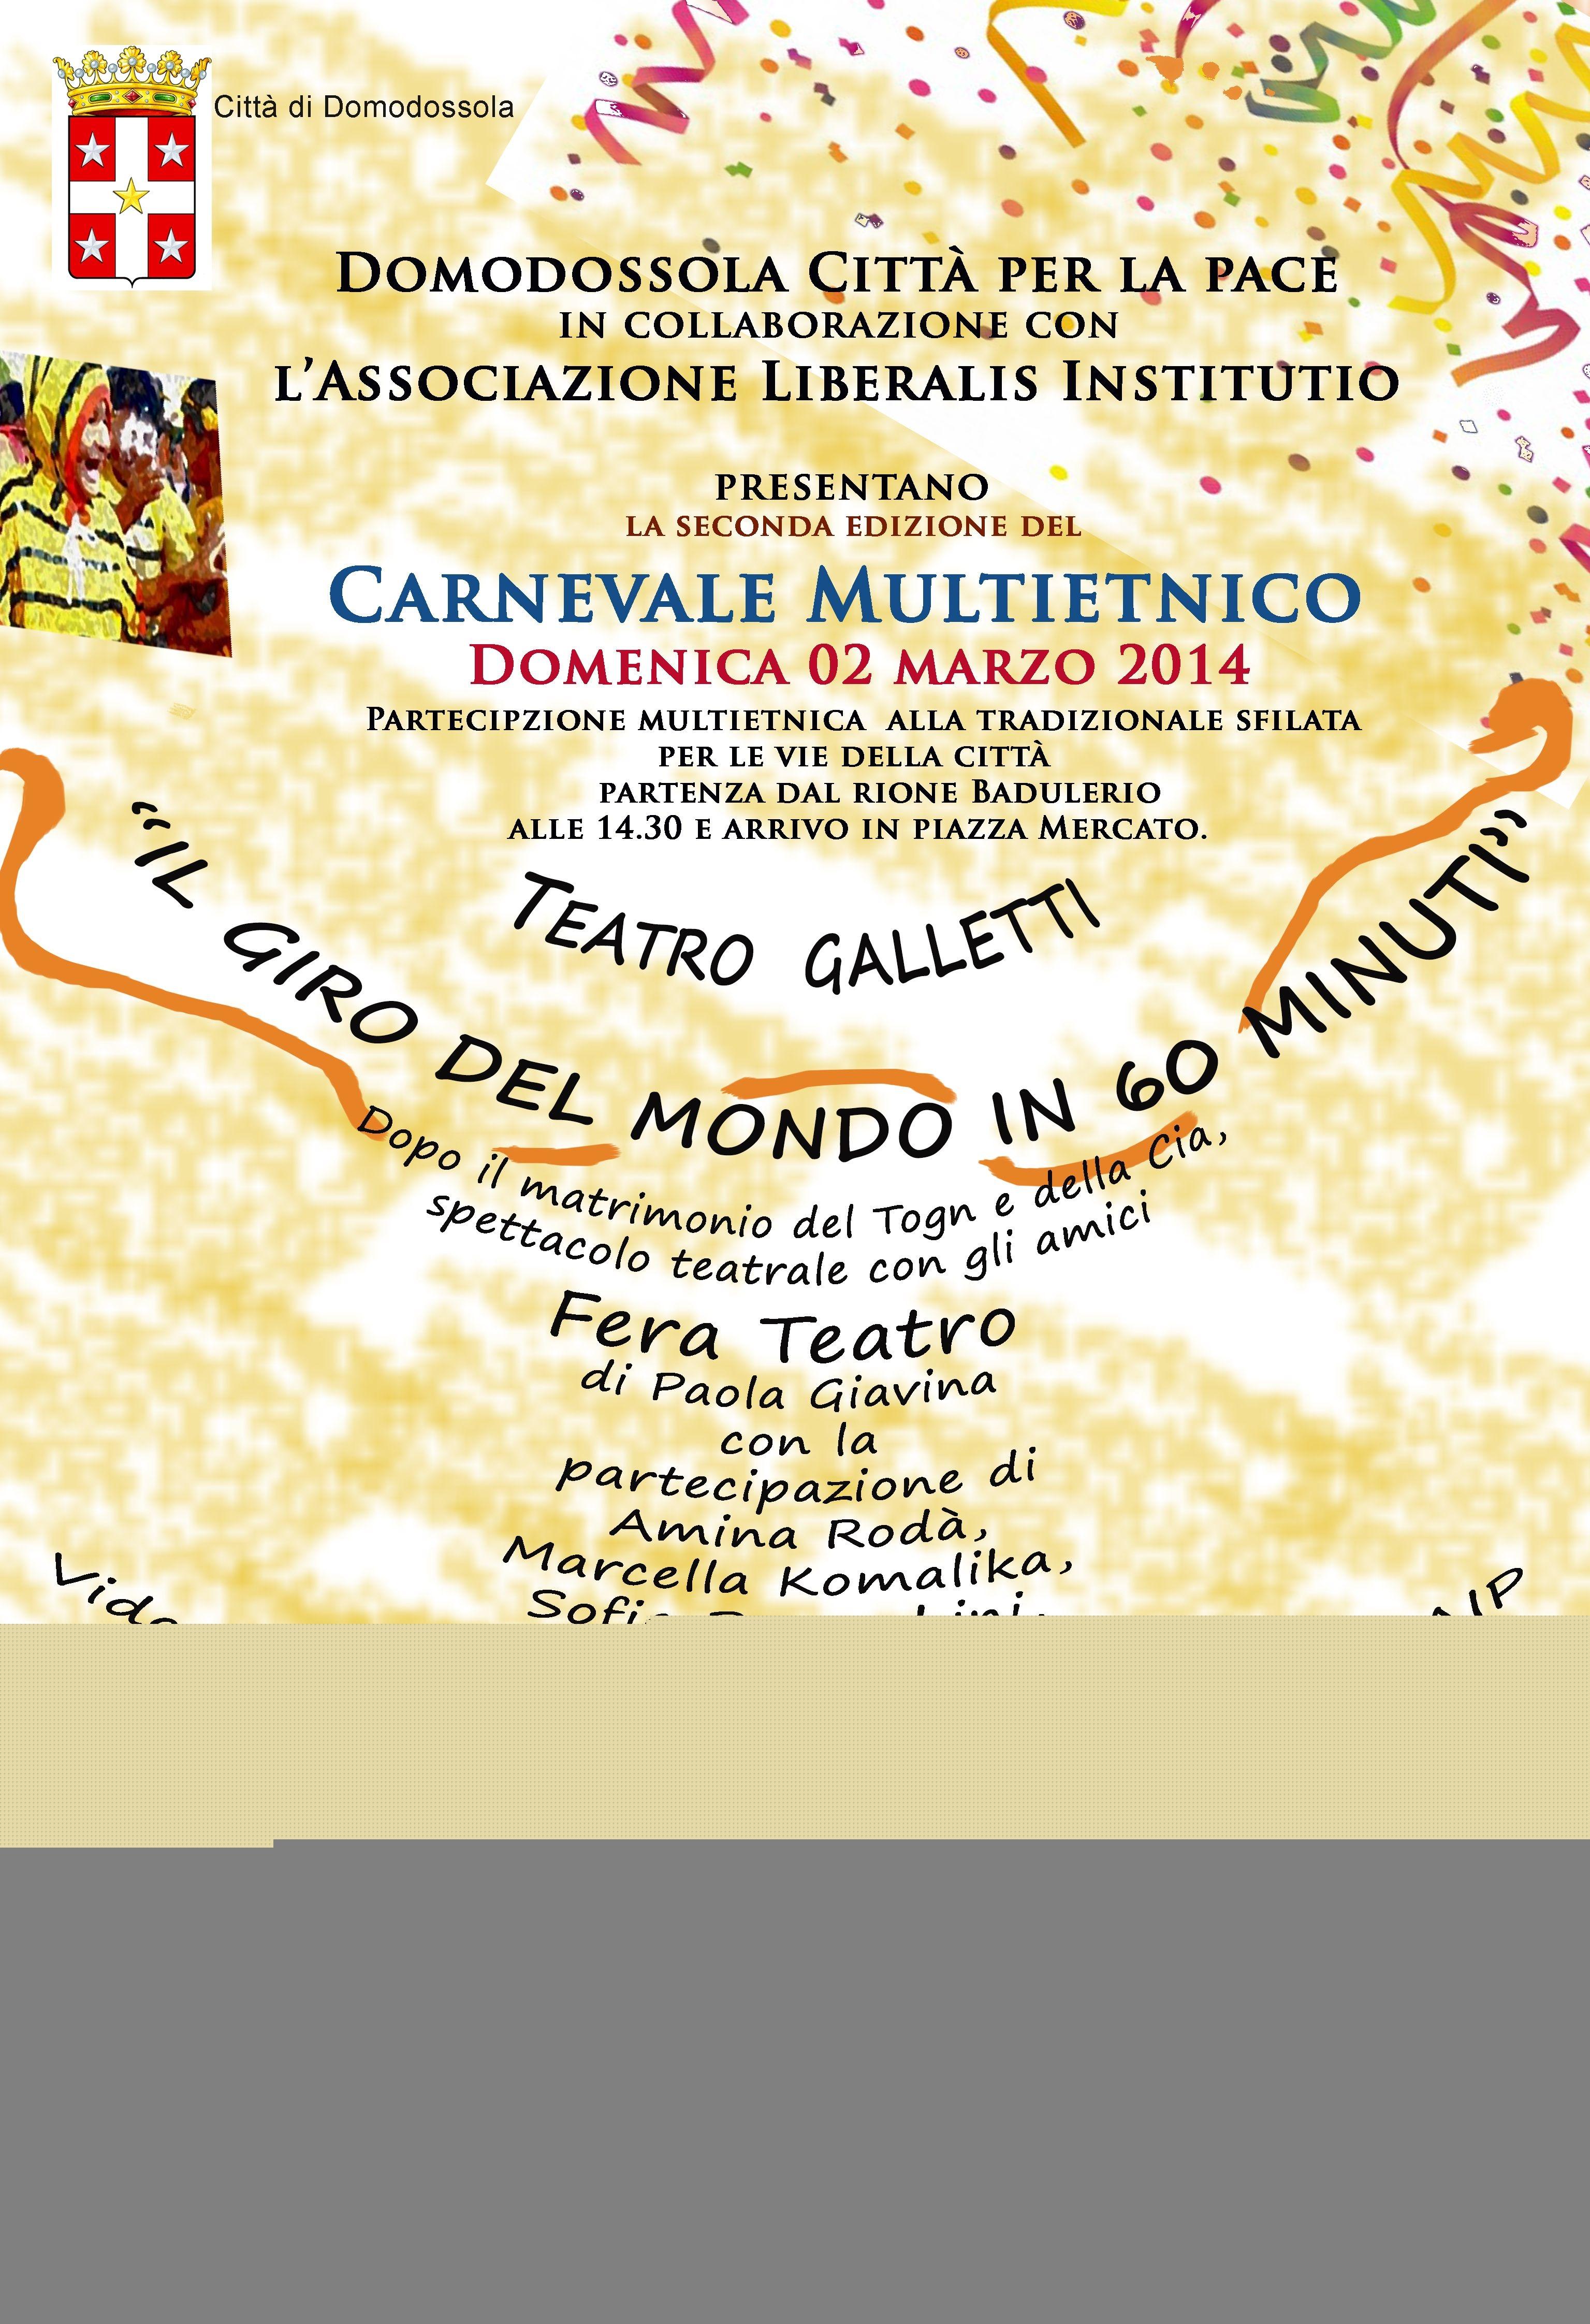 Carnevale Multietnico 2014